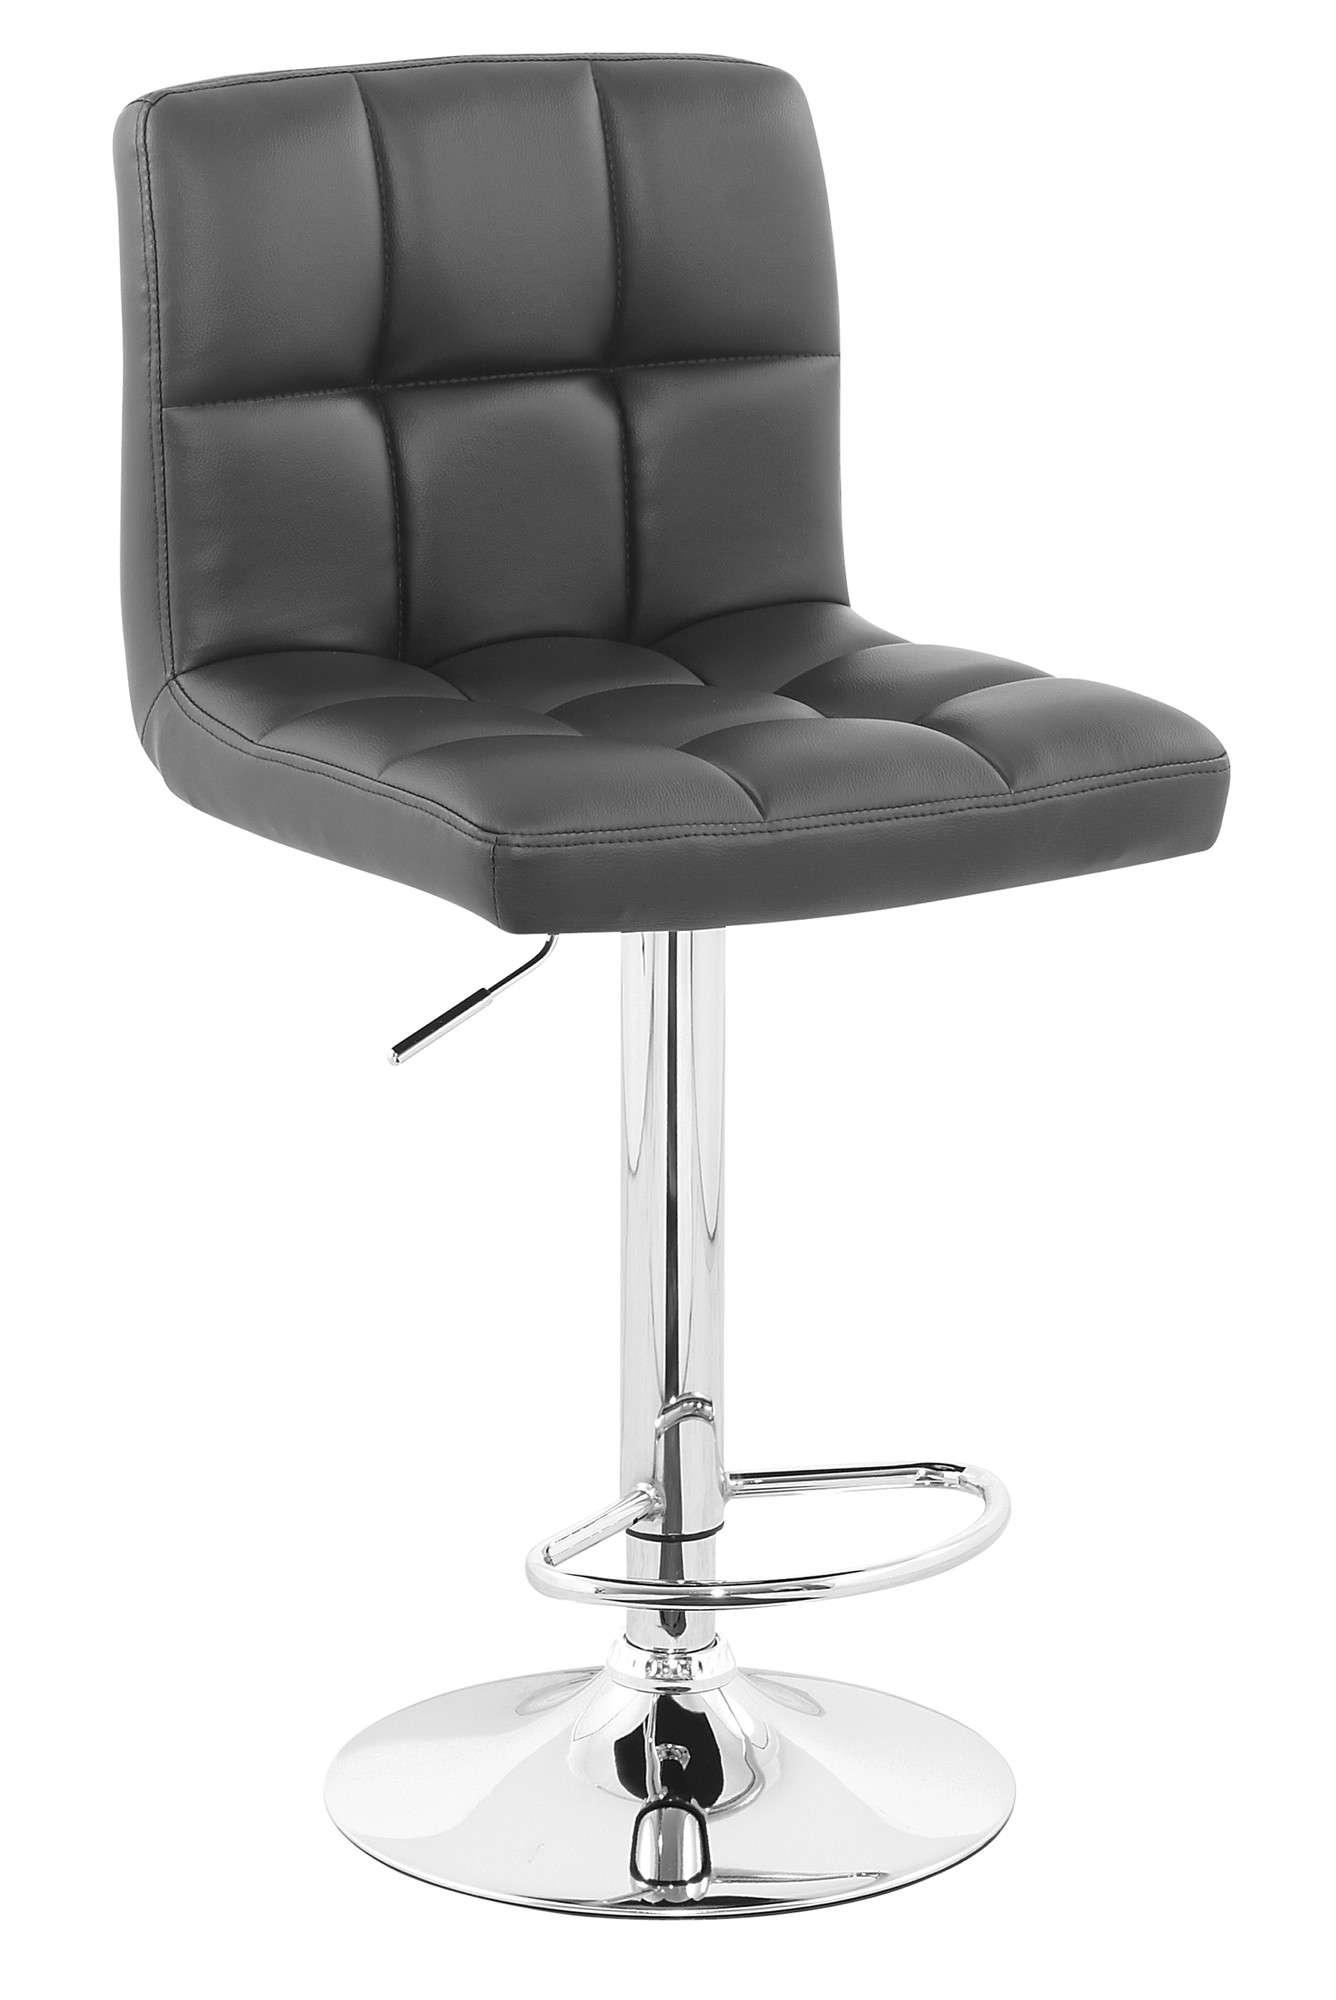 Set 2 sillas banco para cocina barra ajustable cromado vv4 demarkazone - Sillas de barra de cocina ...